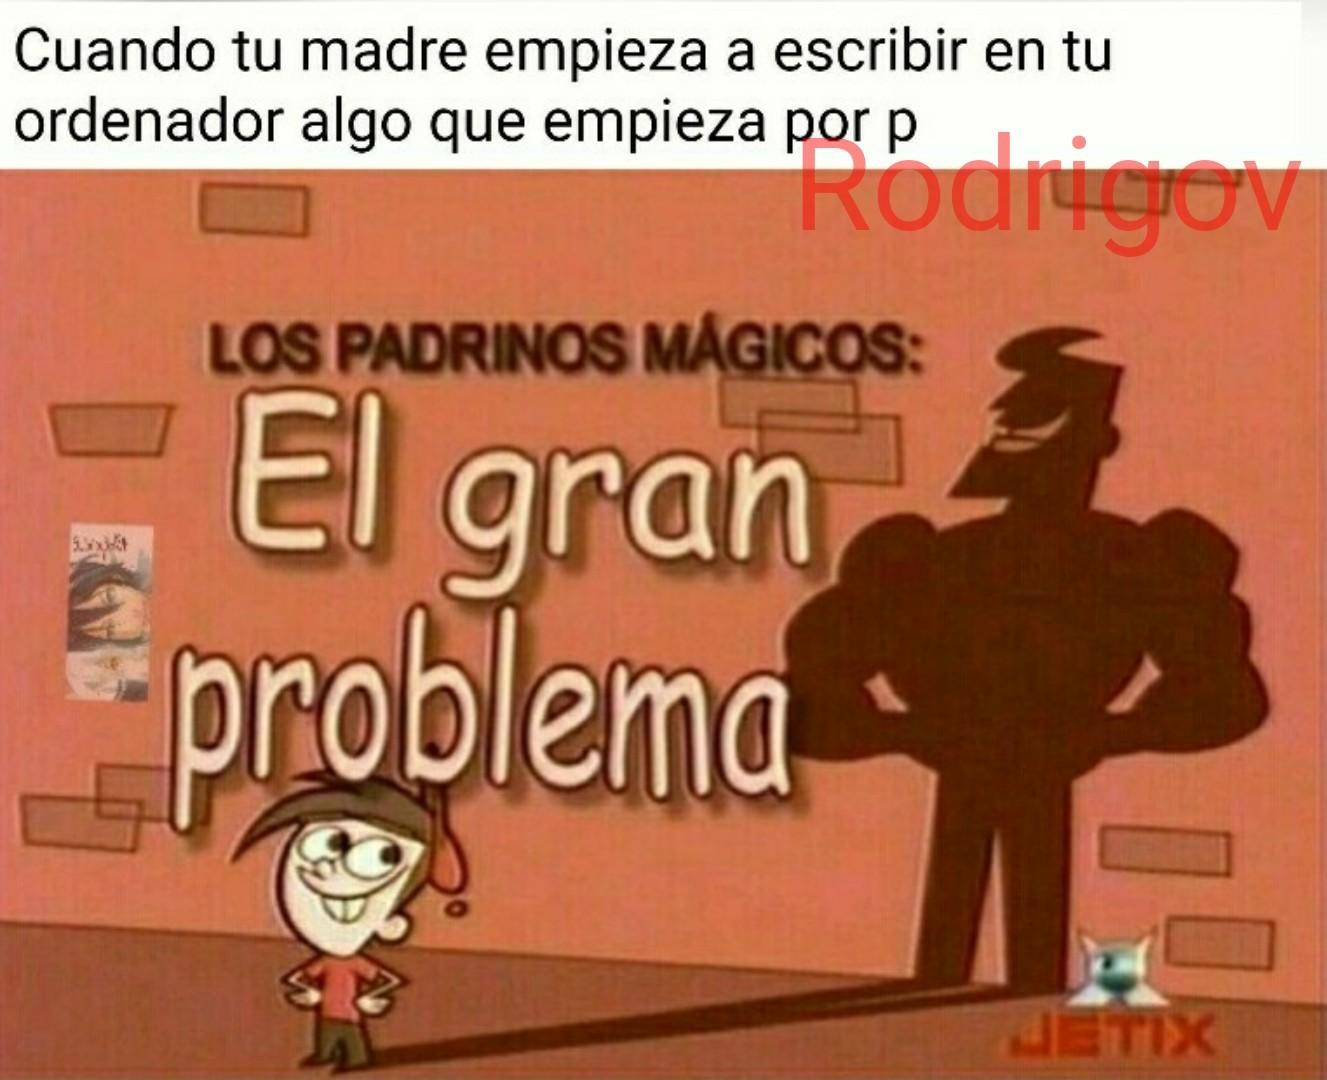 El gran problema - meme